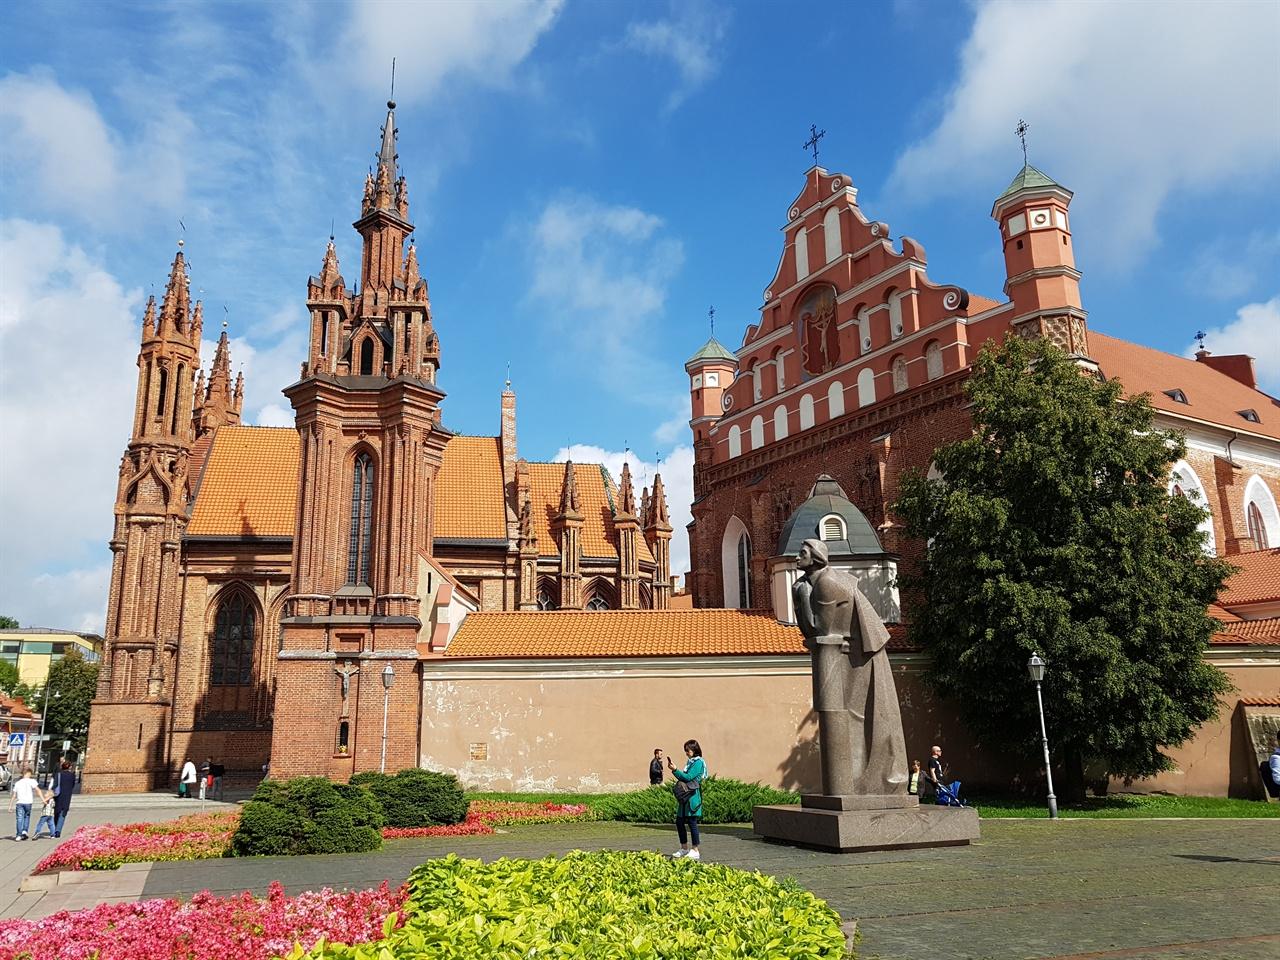 성 안나 교회 나폴레옹이 손바닥에 얹어 파리로 가져가고 싶다고 했다는 그 교회이다.